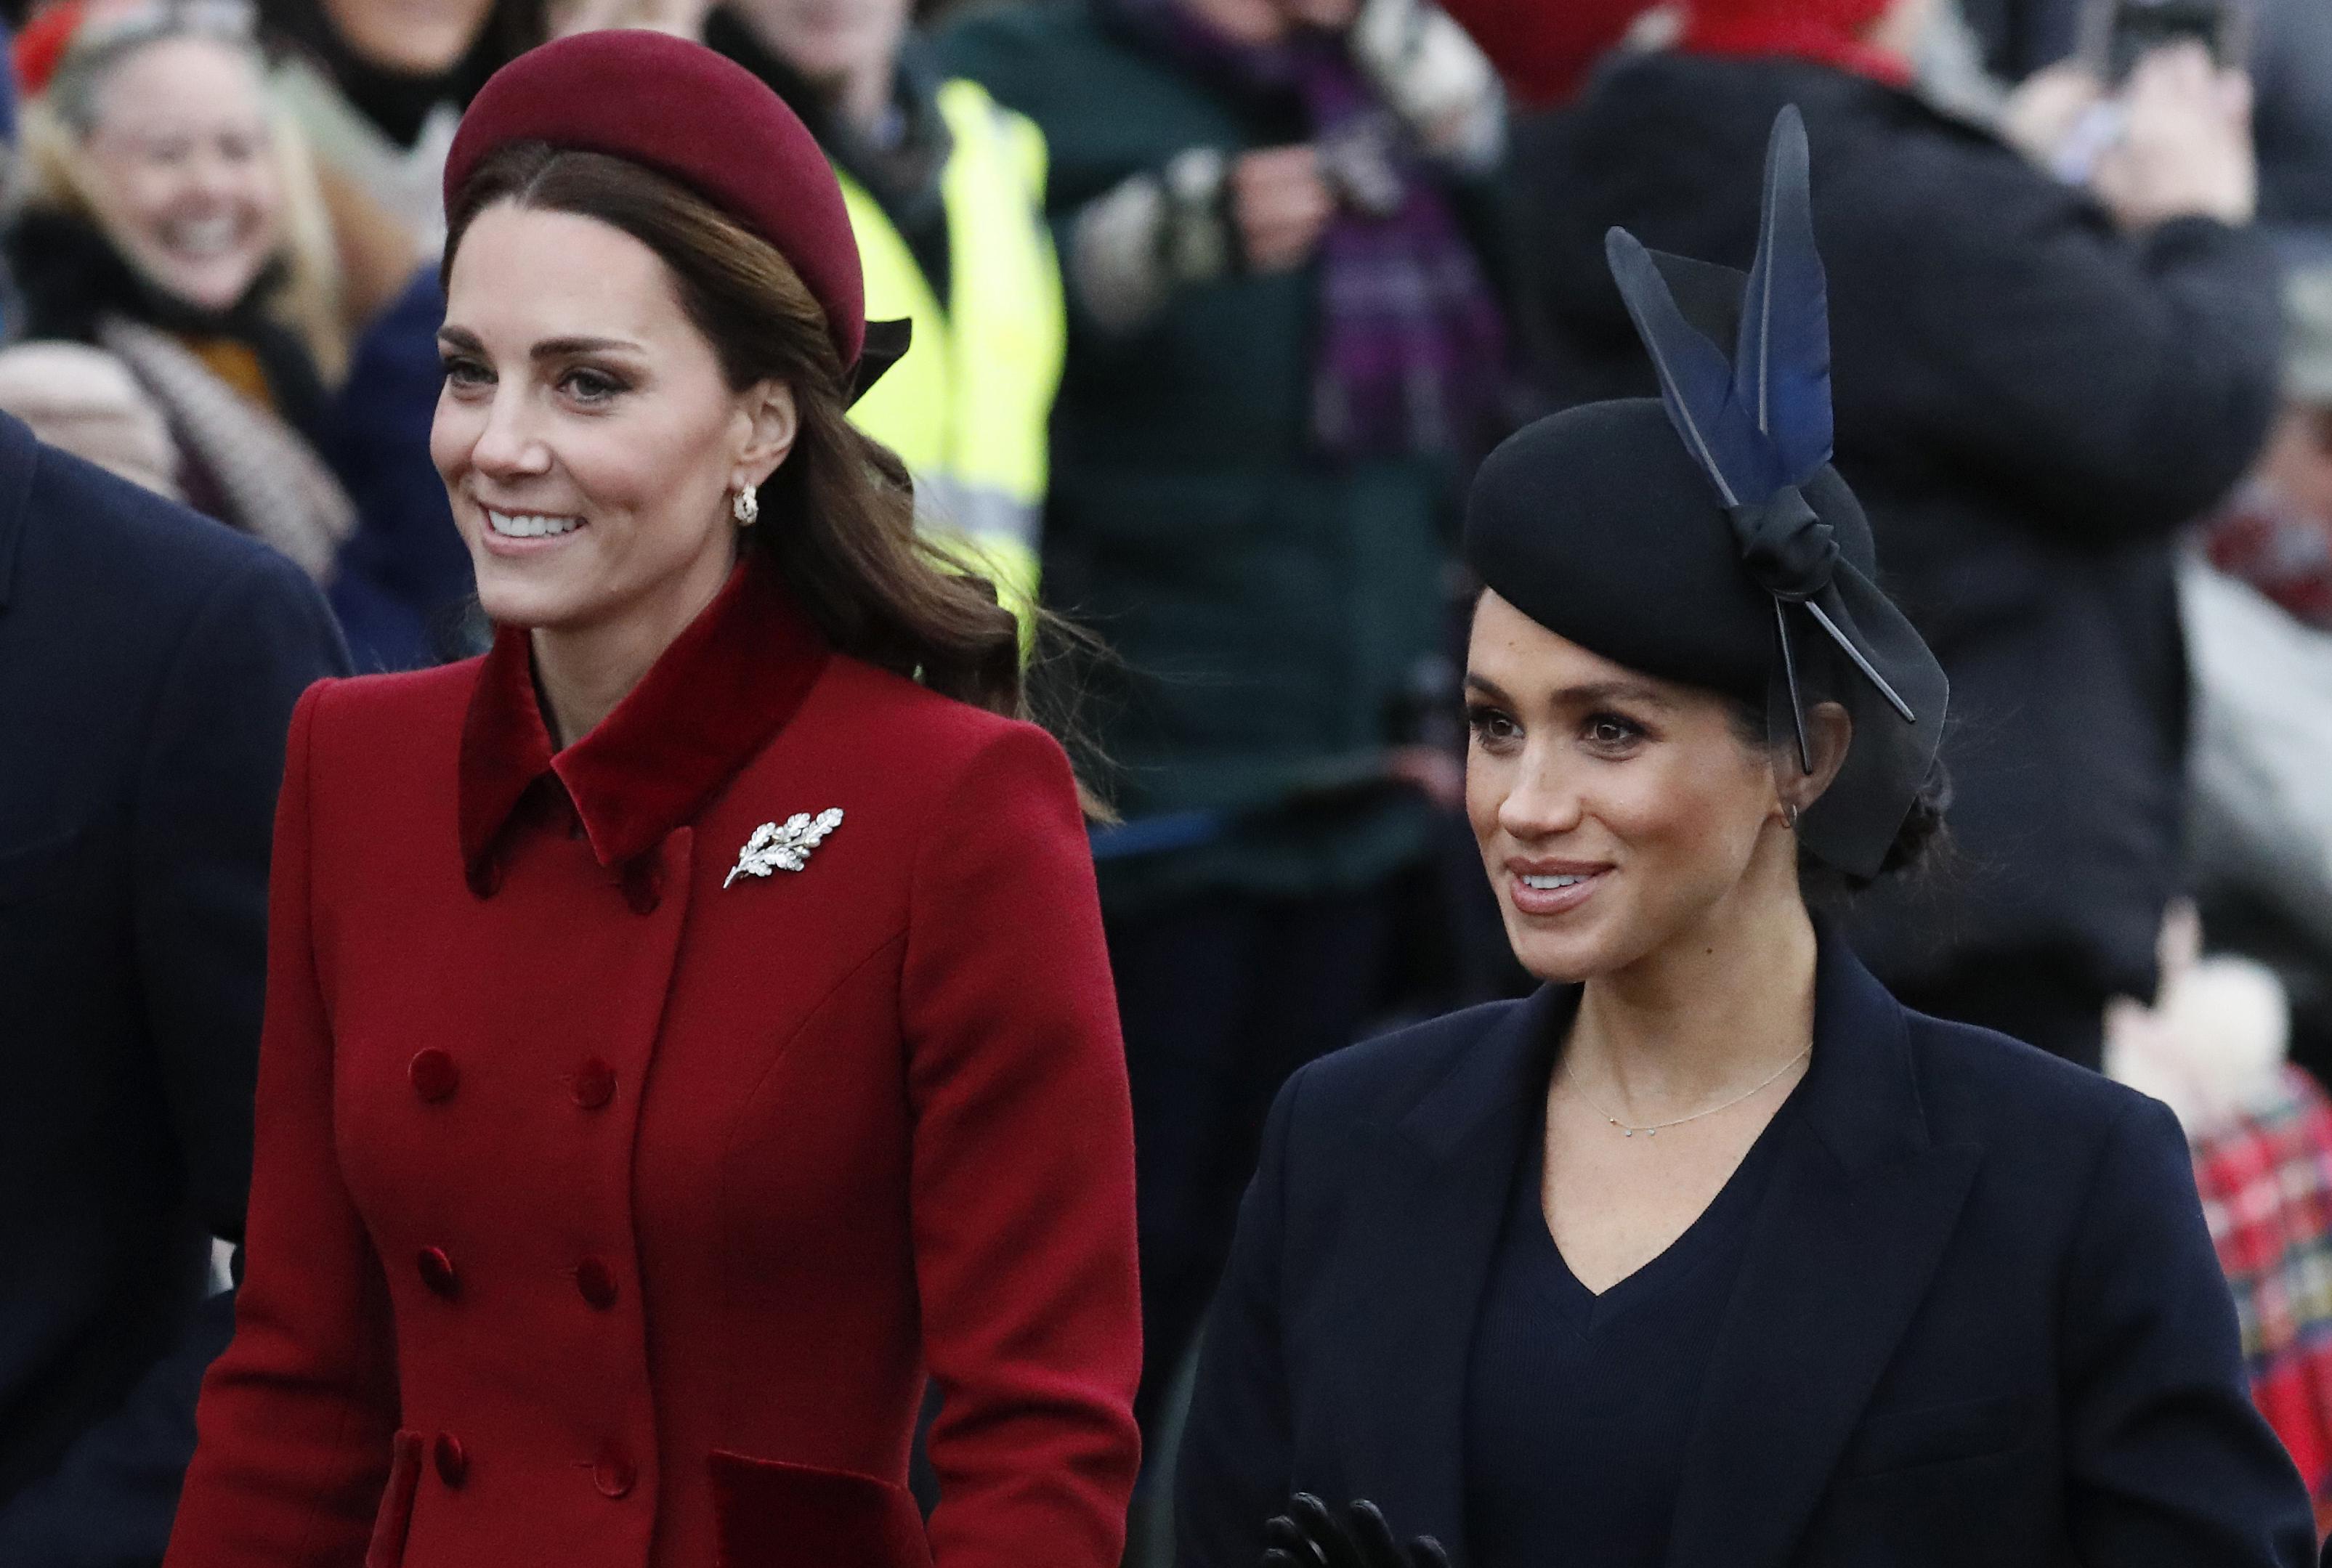 El 25 de diciembre de 2018, los duques de Sussex se unieron a la familia real para celebrar la Navidad en la tradicional misa en St. Mary Magdalene Church, en Sandringham. Se vio a Meghan y Kate compartir, lo que disipó los rumores de una supuesta rivalidad y difícil relación entre ambas. (Archivo)